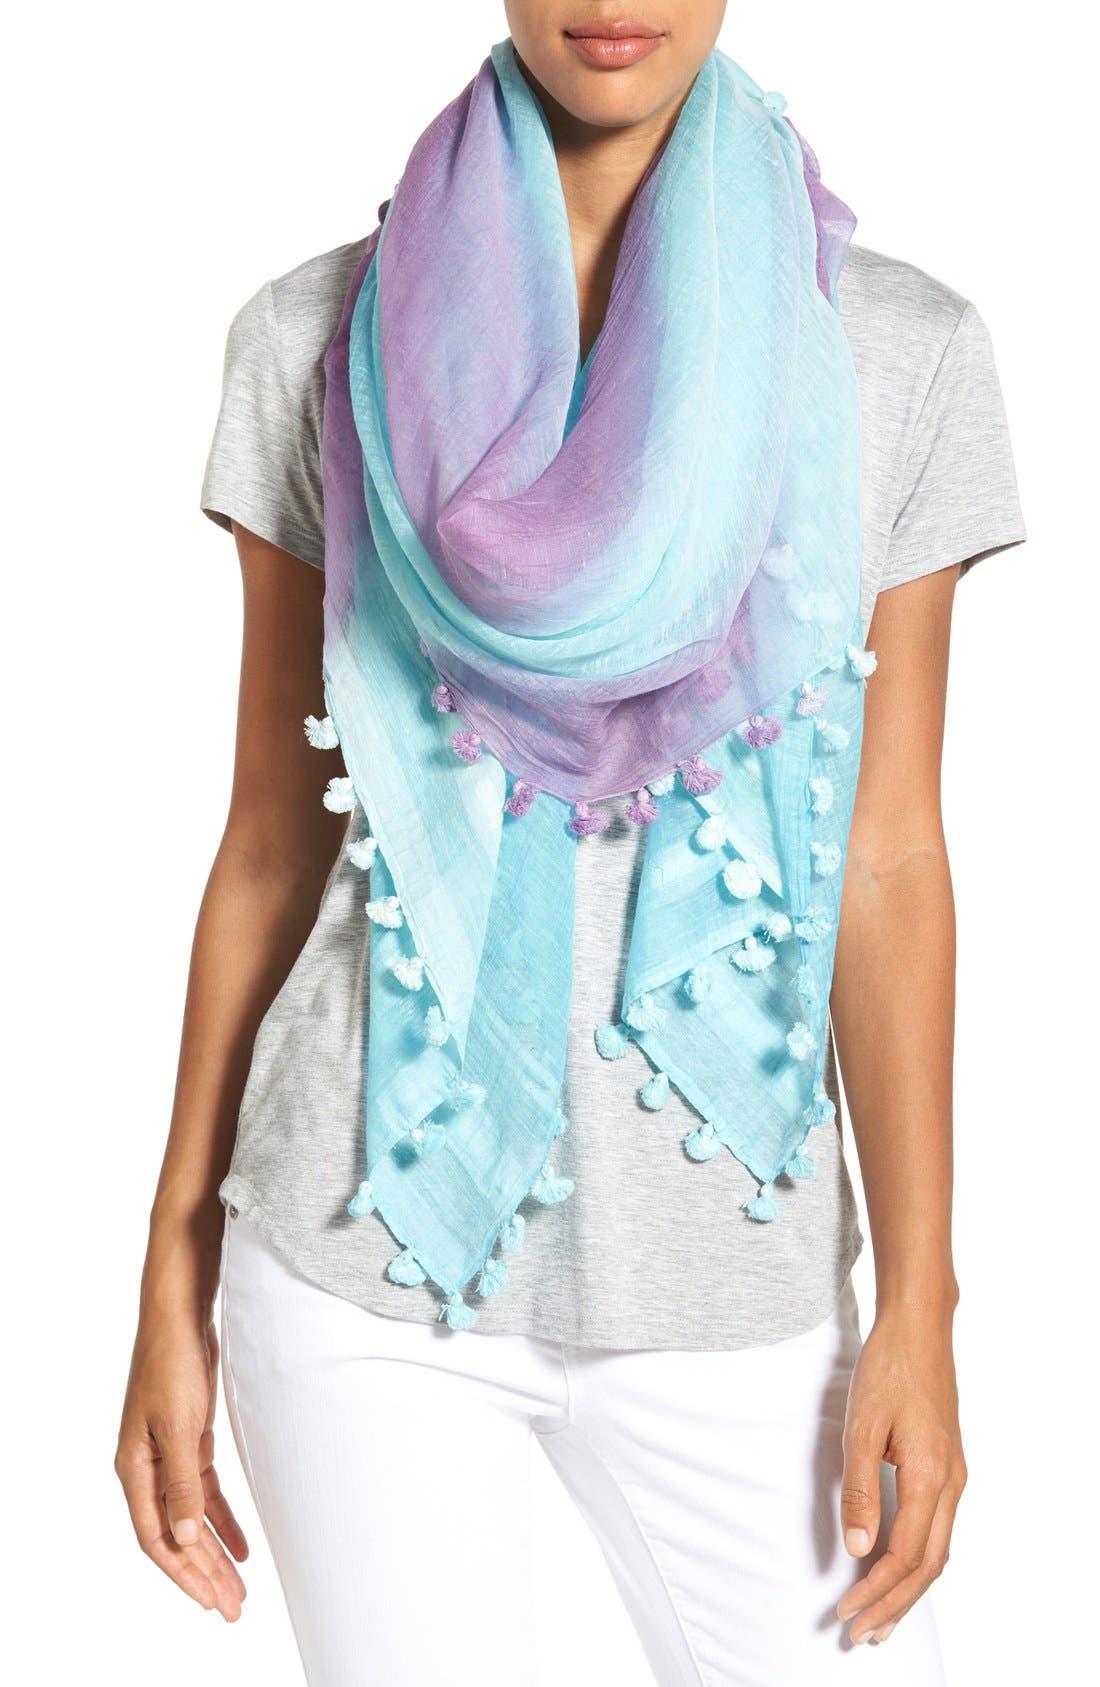 Alternate Image 1 Selected - La Fiorentina Striped Ombré Cotton & Silk Scarf